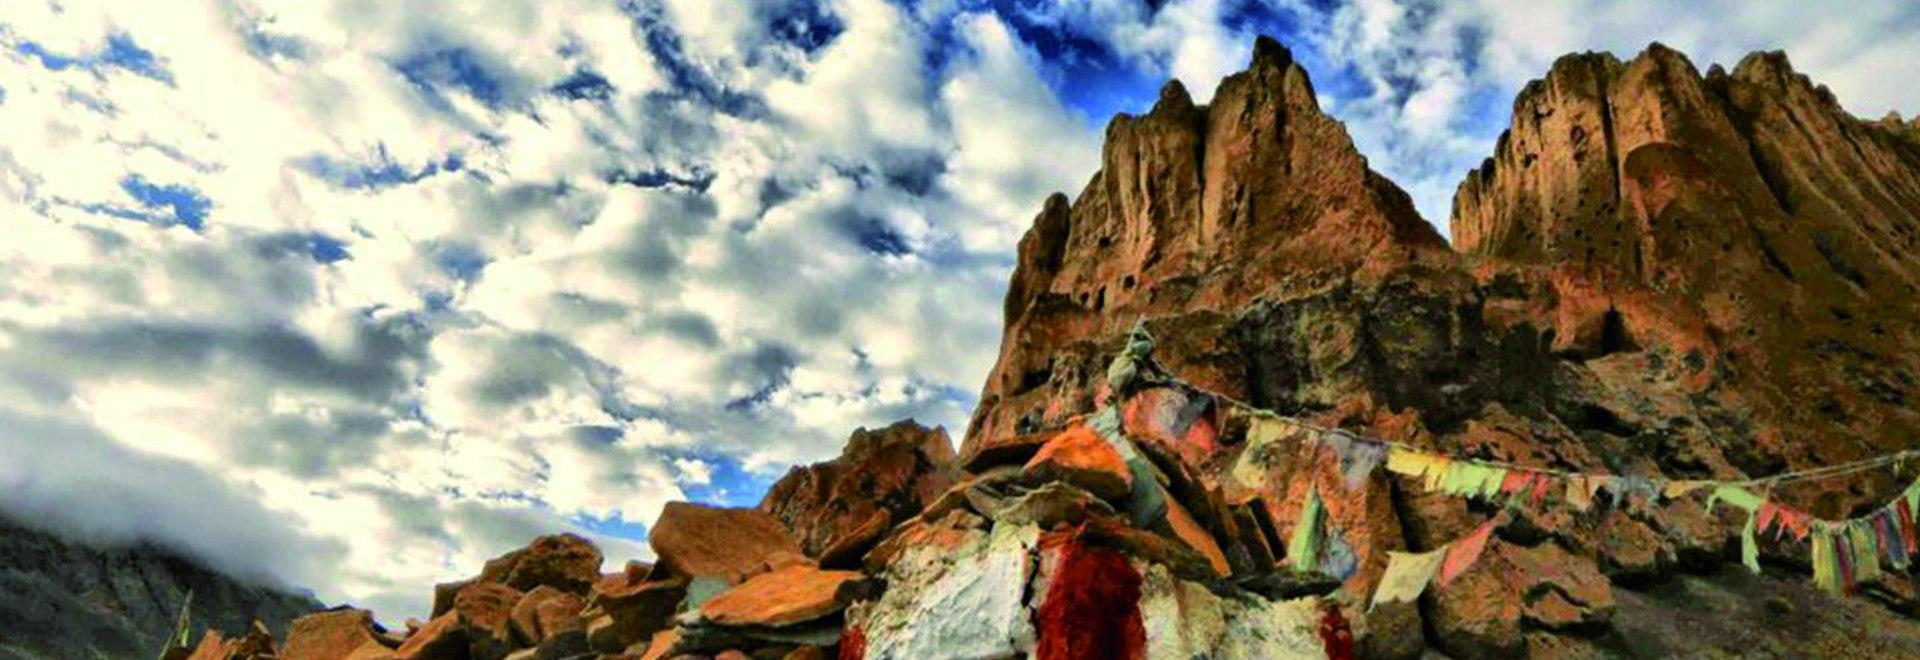 Il mistero delle tombe sull'Himalaya